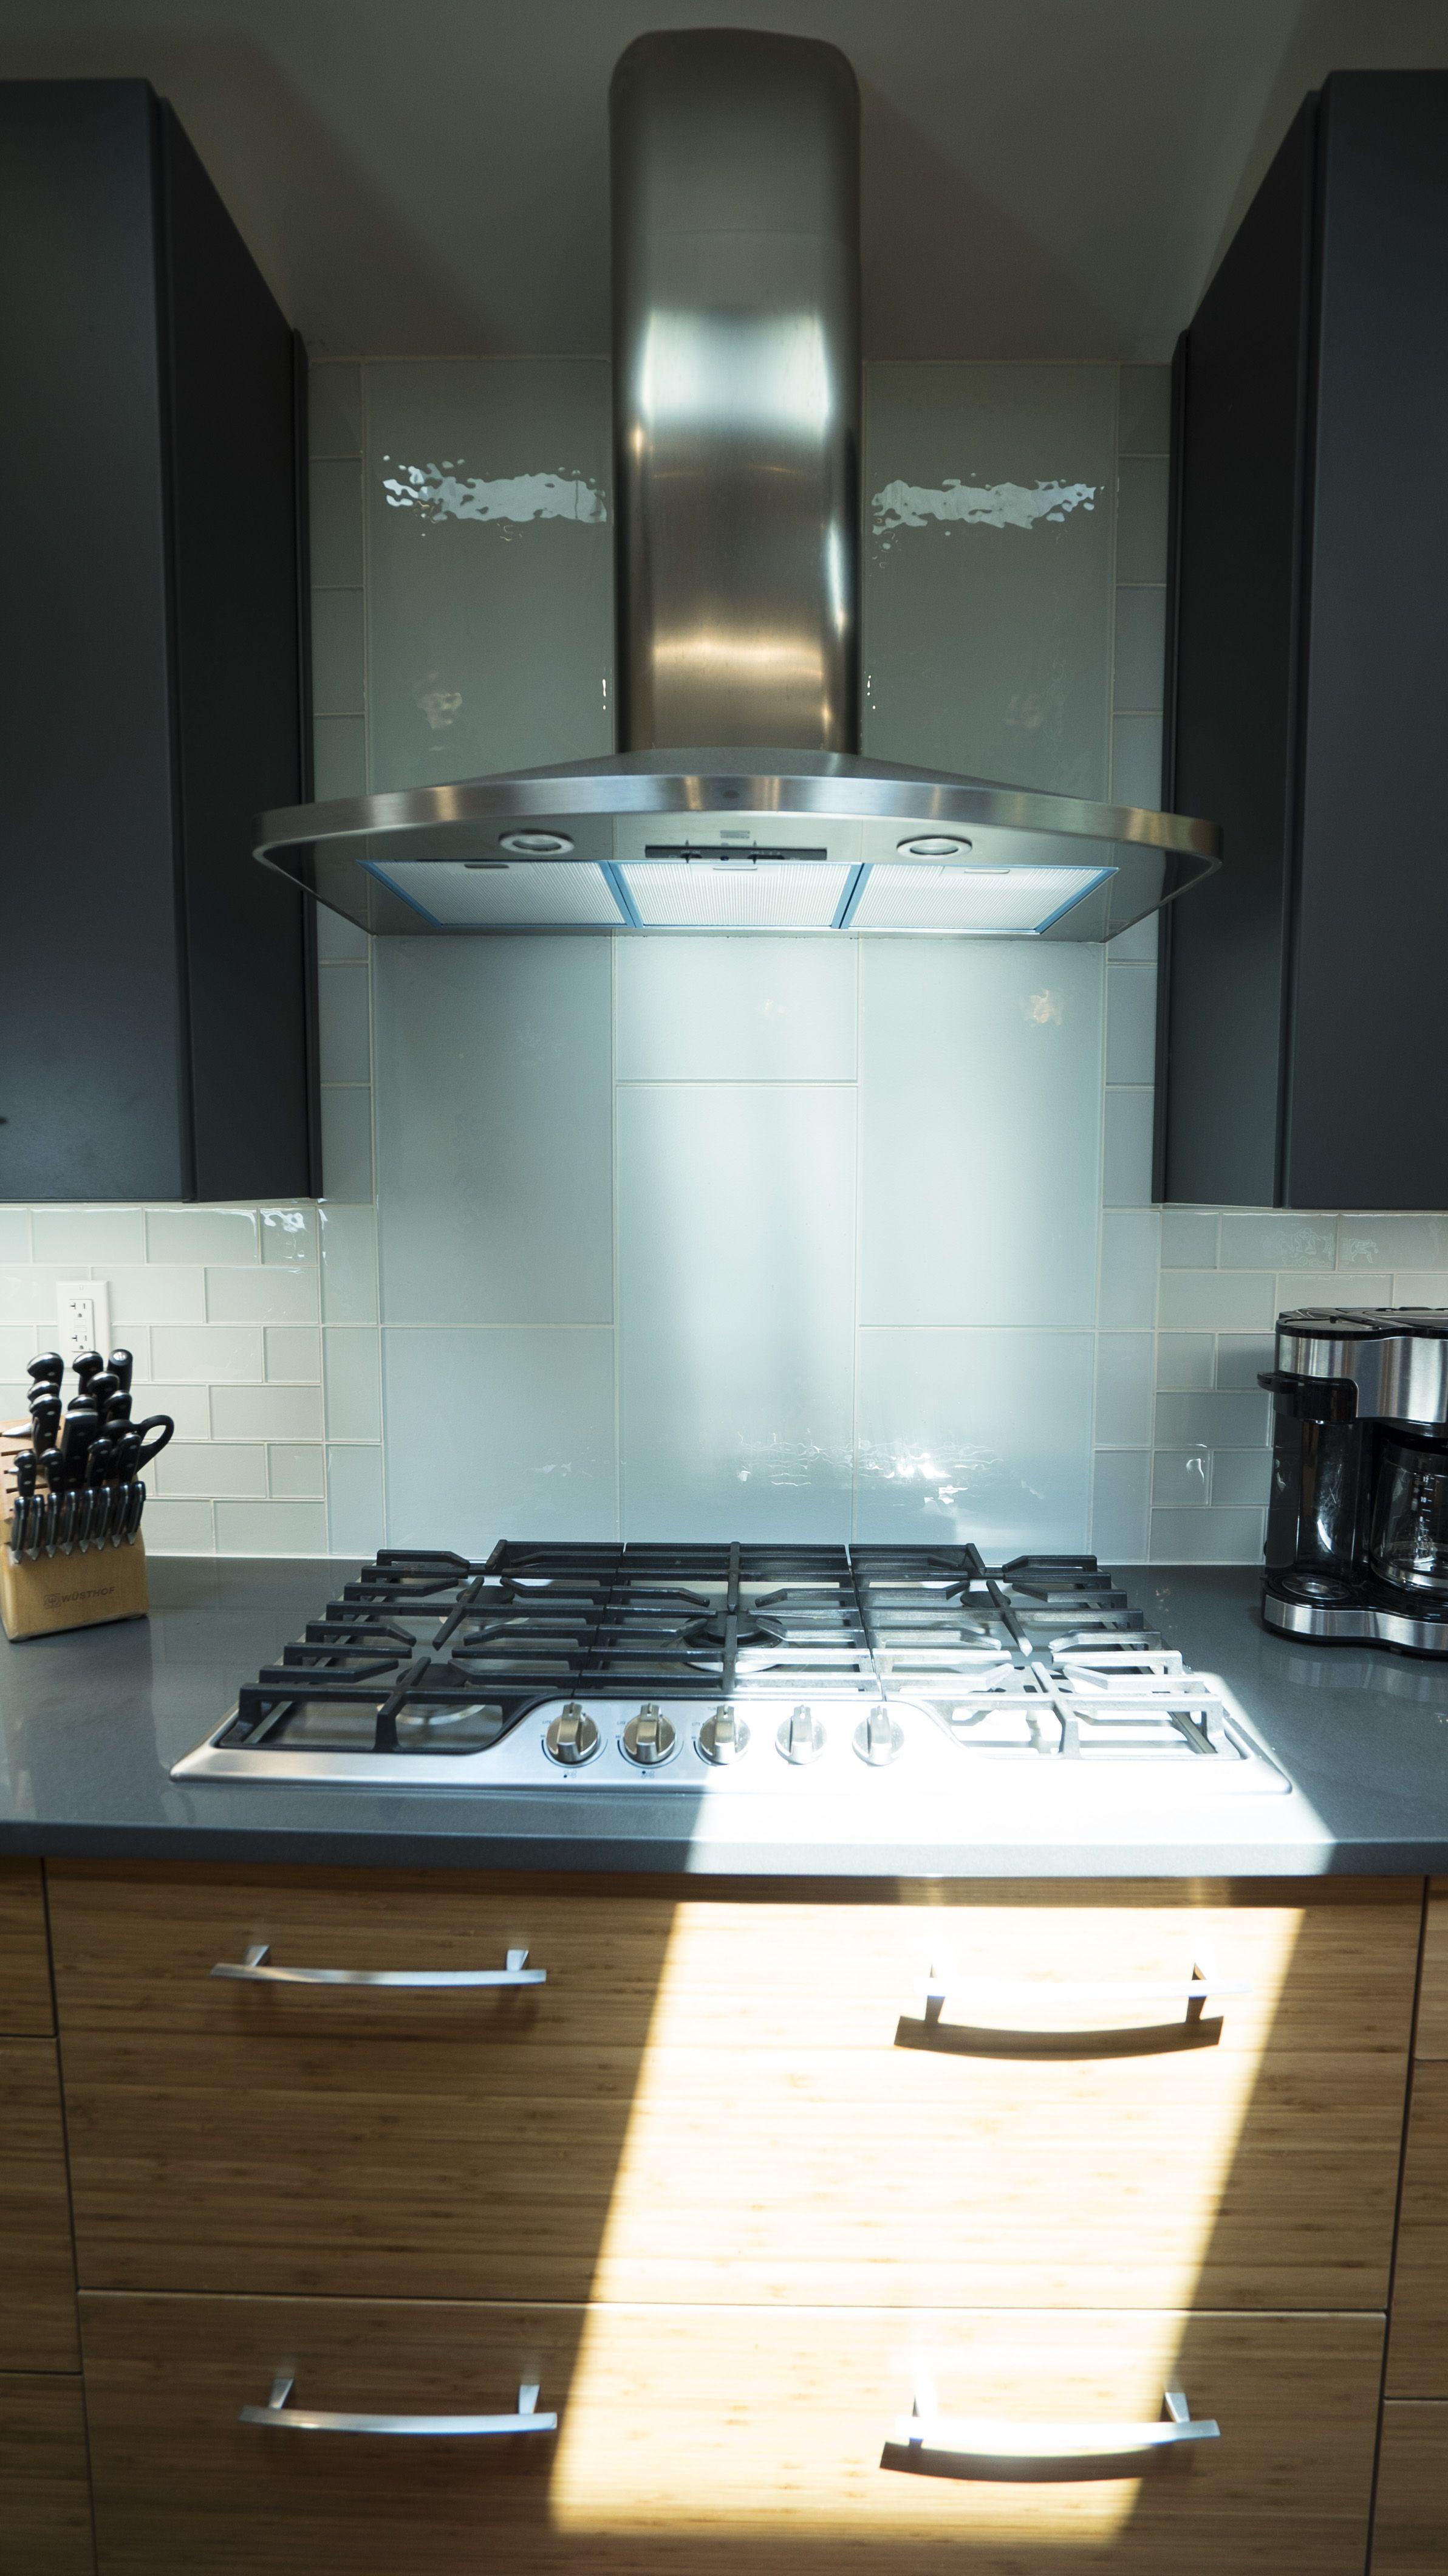 Kitchen Cabinets U0026 Kitchen Remodeling   Kitchen U0026 Bath Remodeling/Cabinets  | USA Cabinet Store